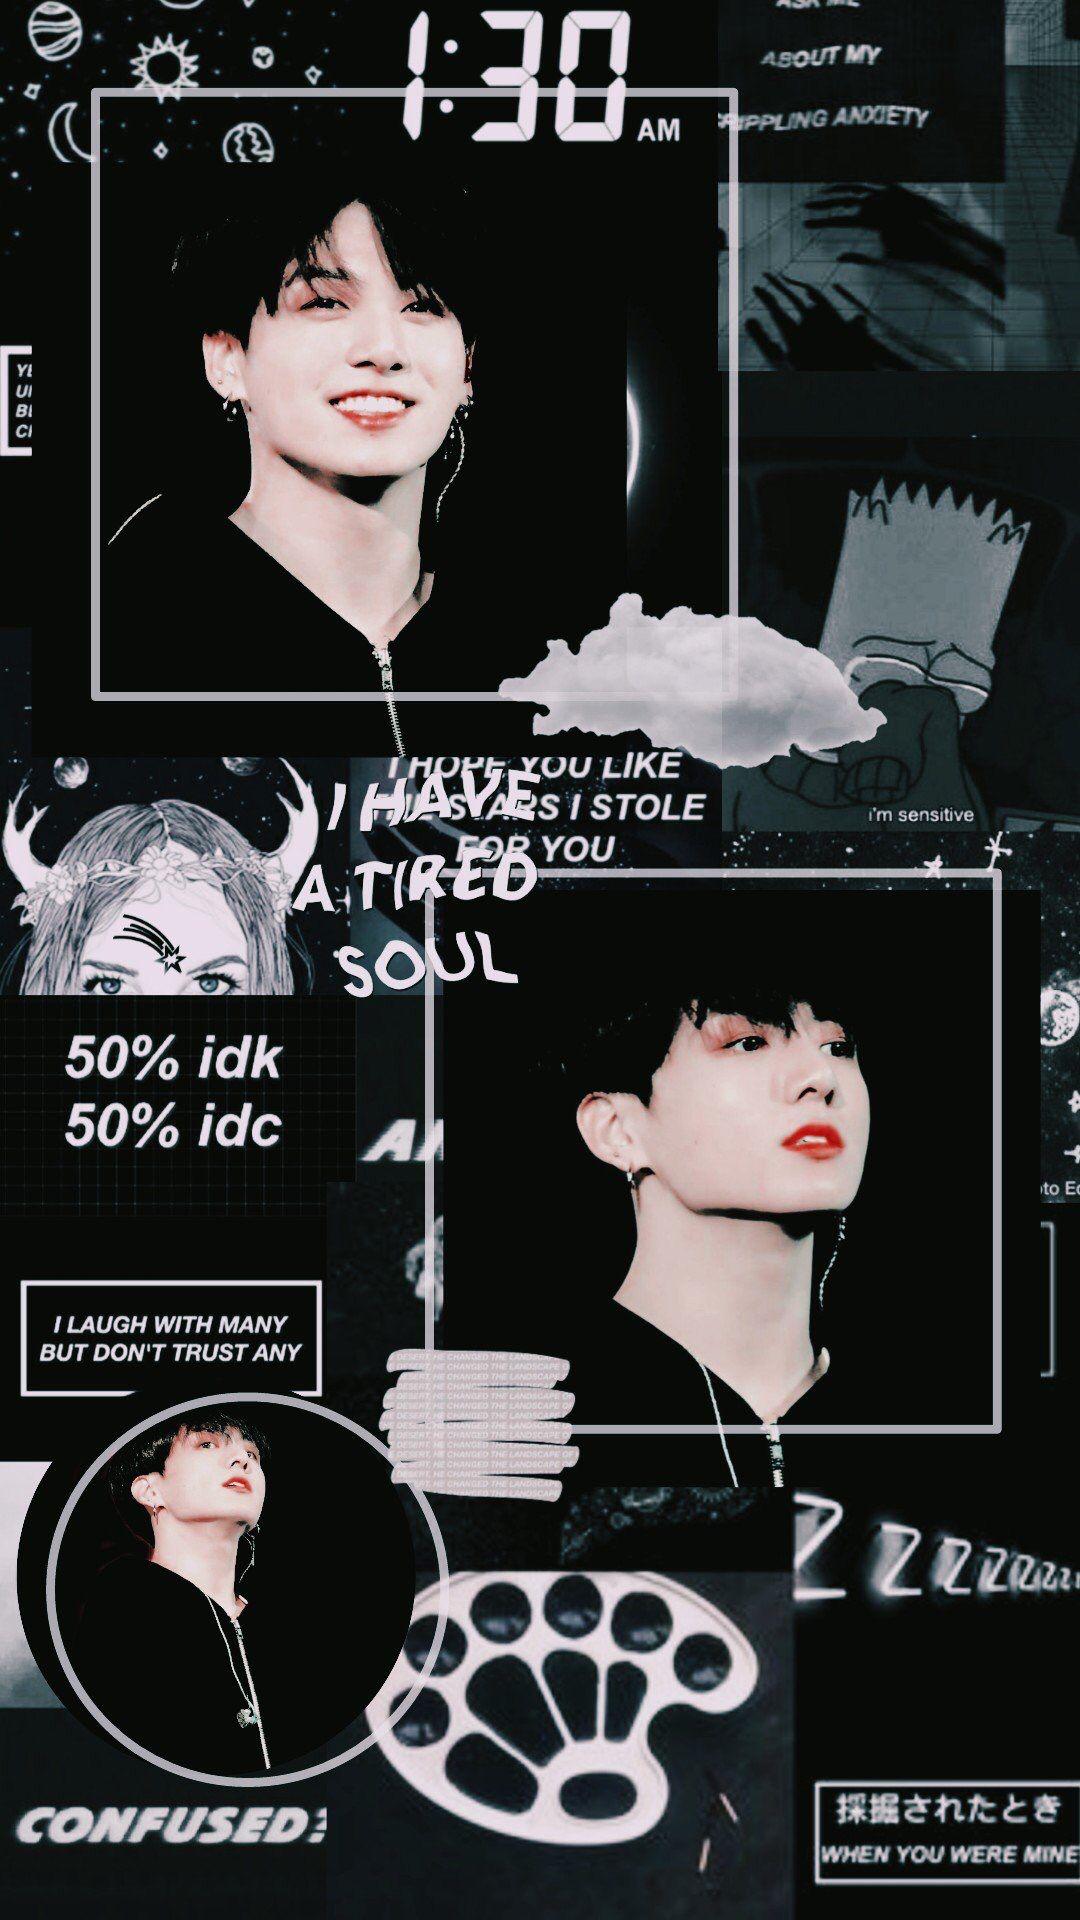 Bts Jungkook Black Aesthetic Wallpaper Lockscreen Game Art Janji Pernikahan Gambar